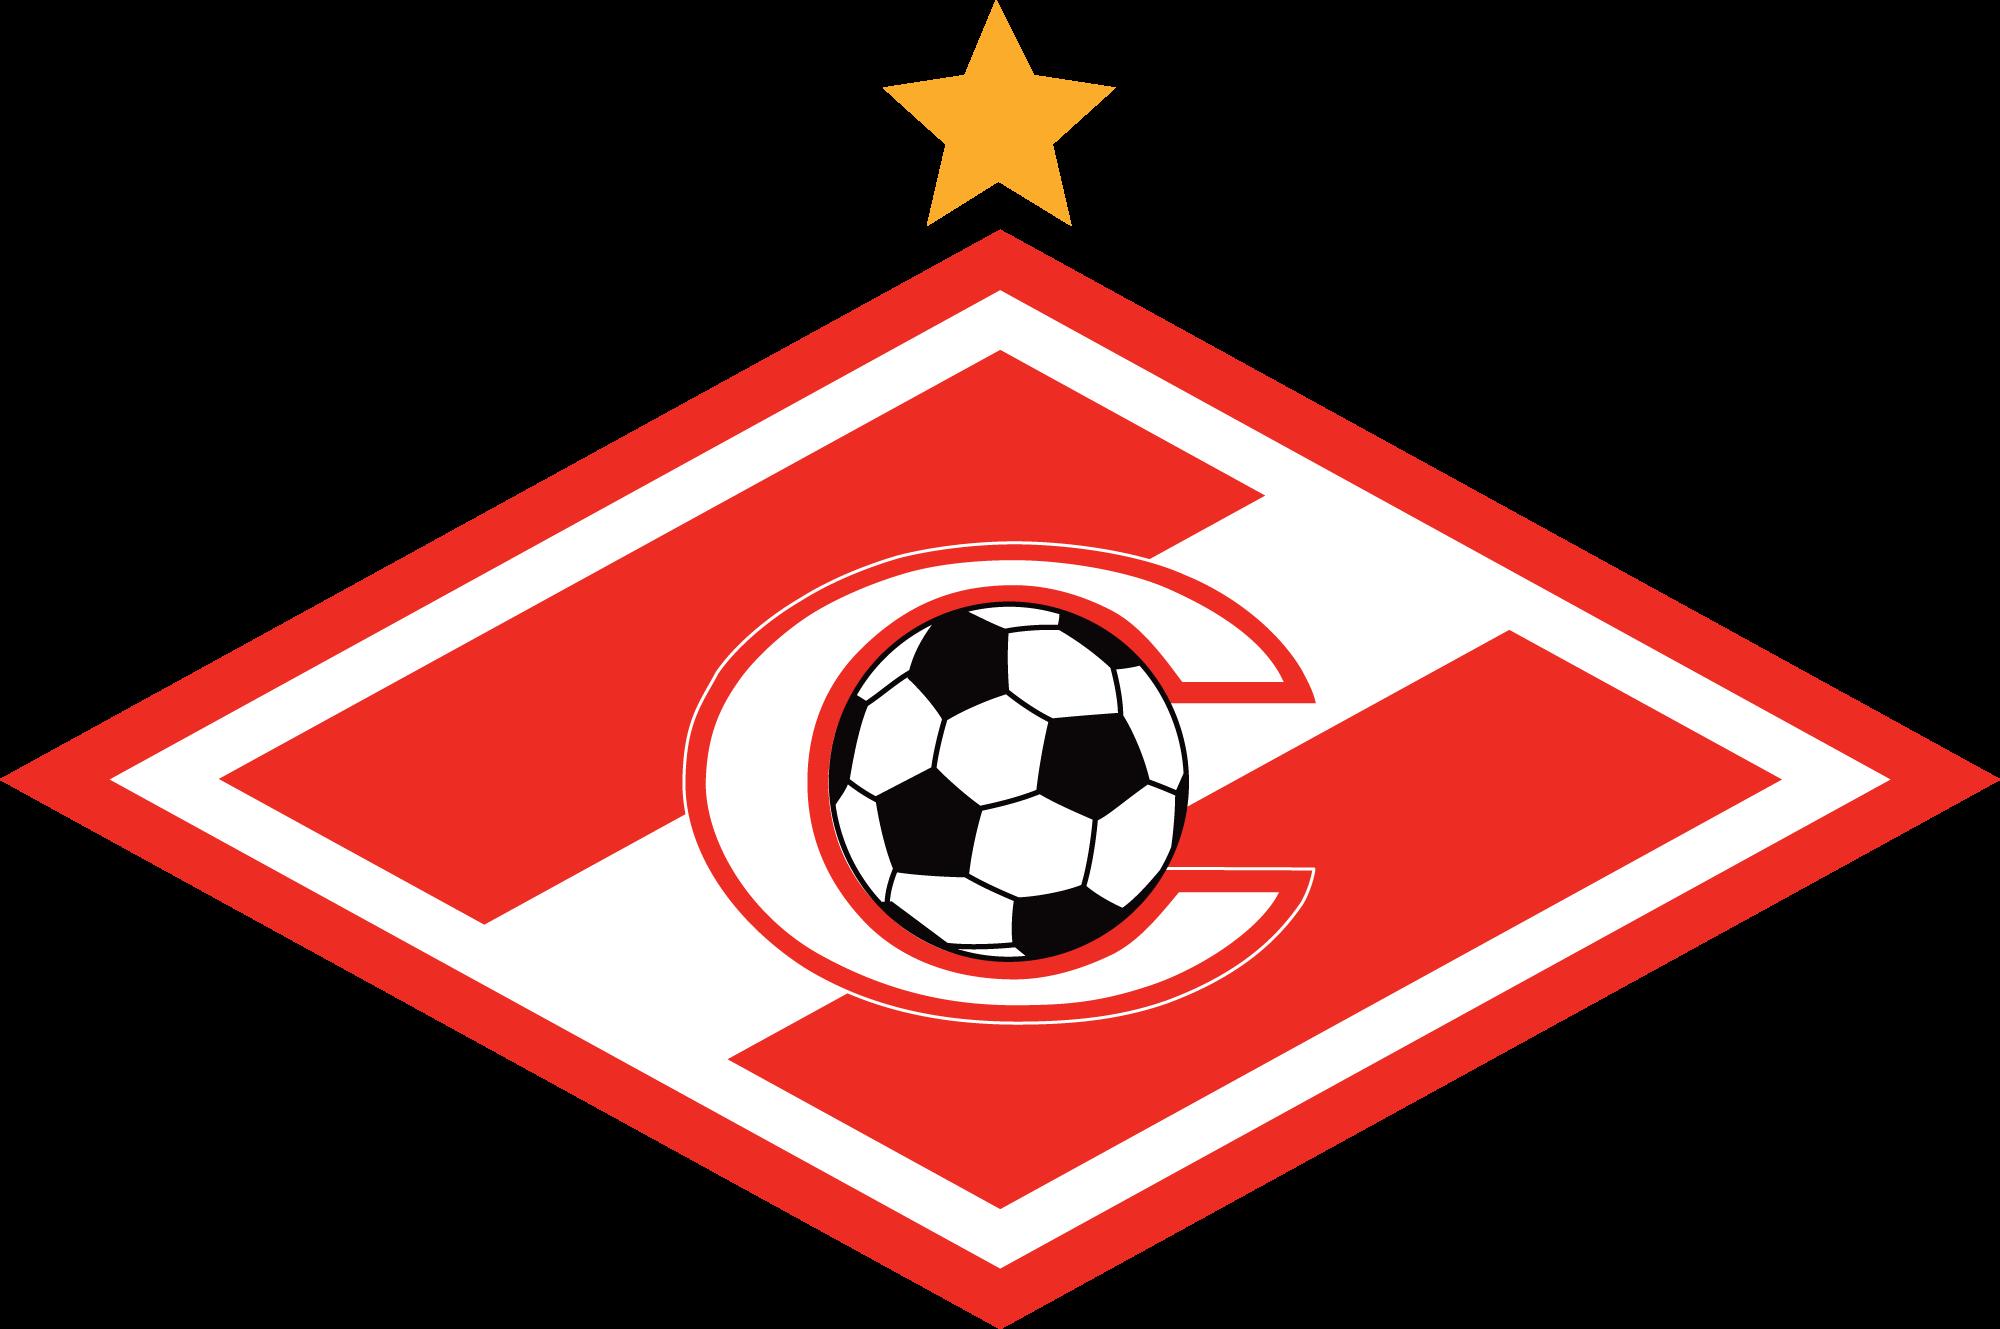 Скачать футбольный клуб спартак москва москва пикап клуб